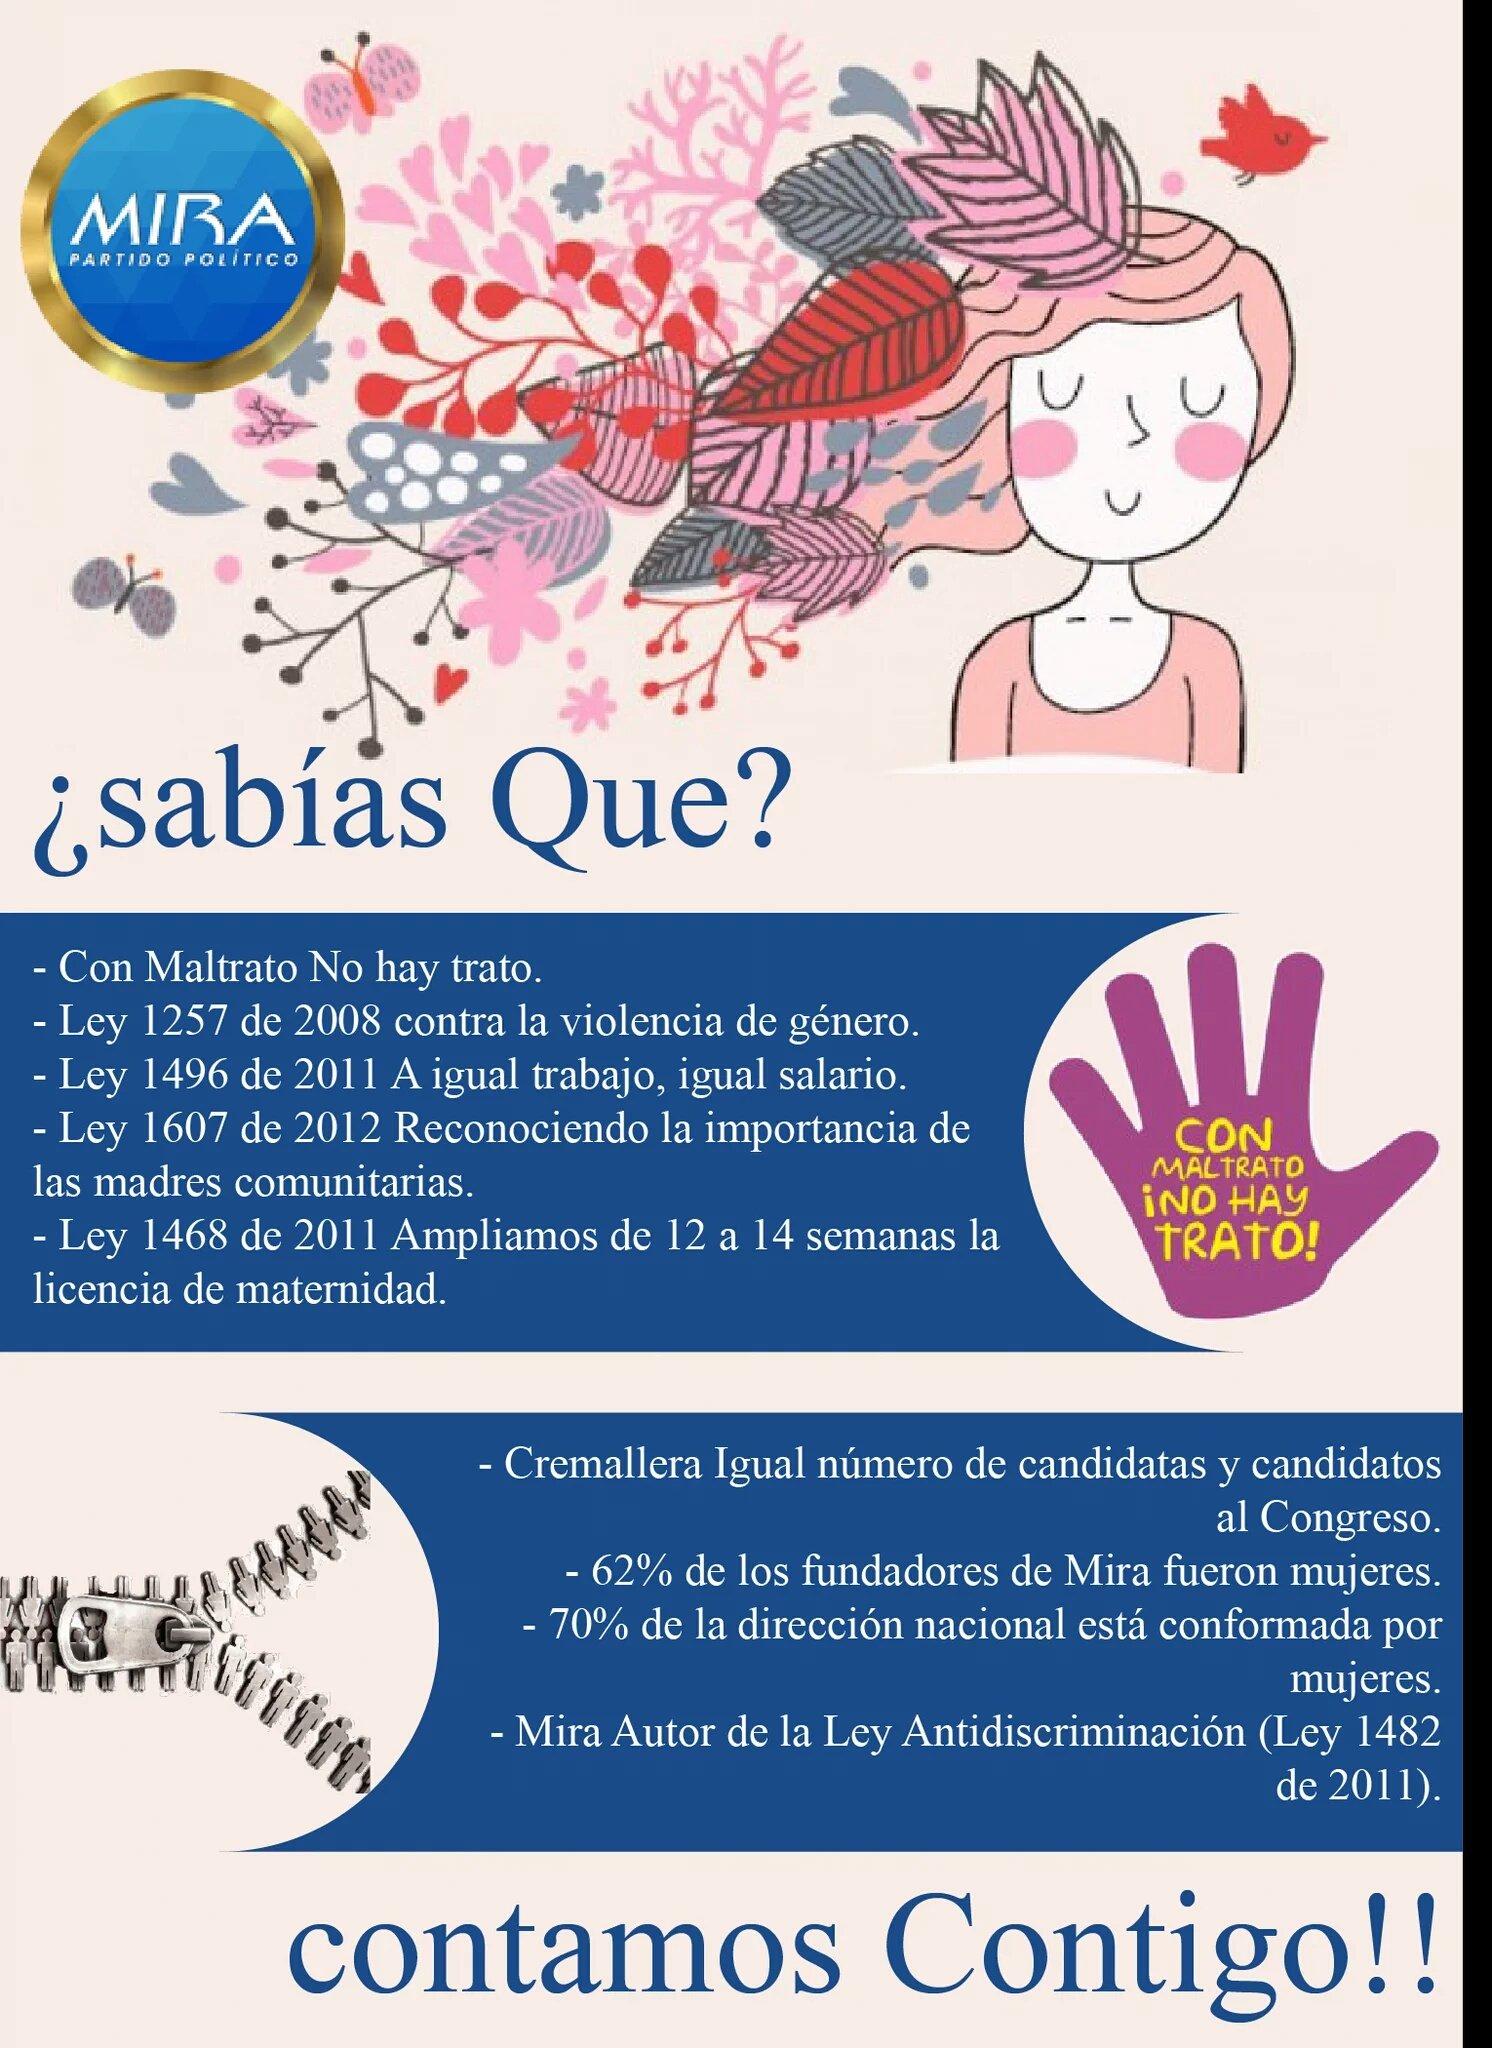 @GloriaDiazM @ConcejoDeBogota Todas debemos de trabajar arduamente para que deje de existir el maltrato hacia la mujer @gloria_stella https://t.co/DougtinSqG